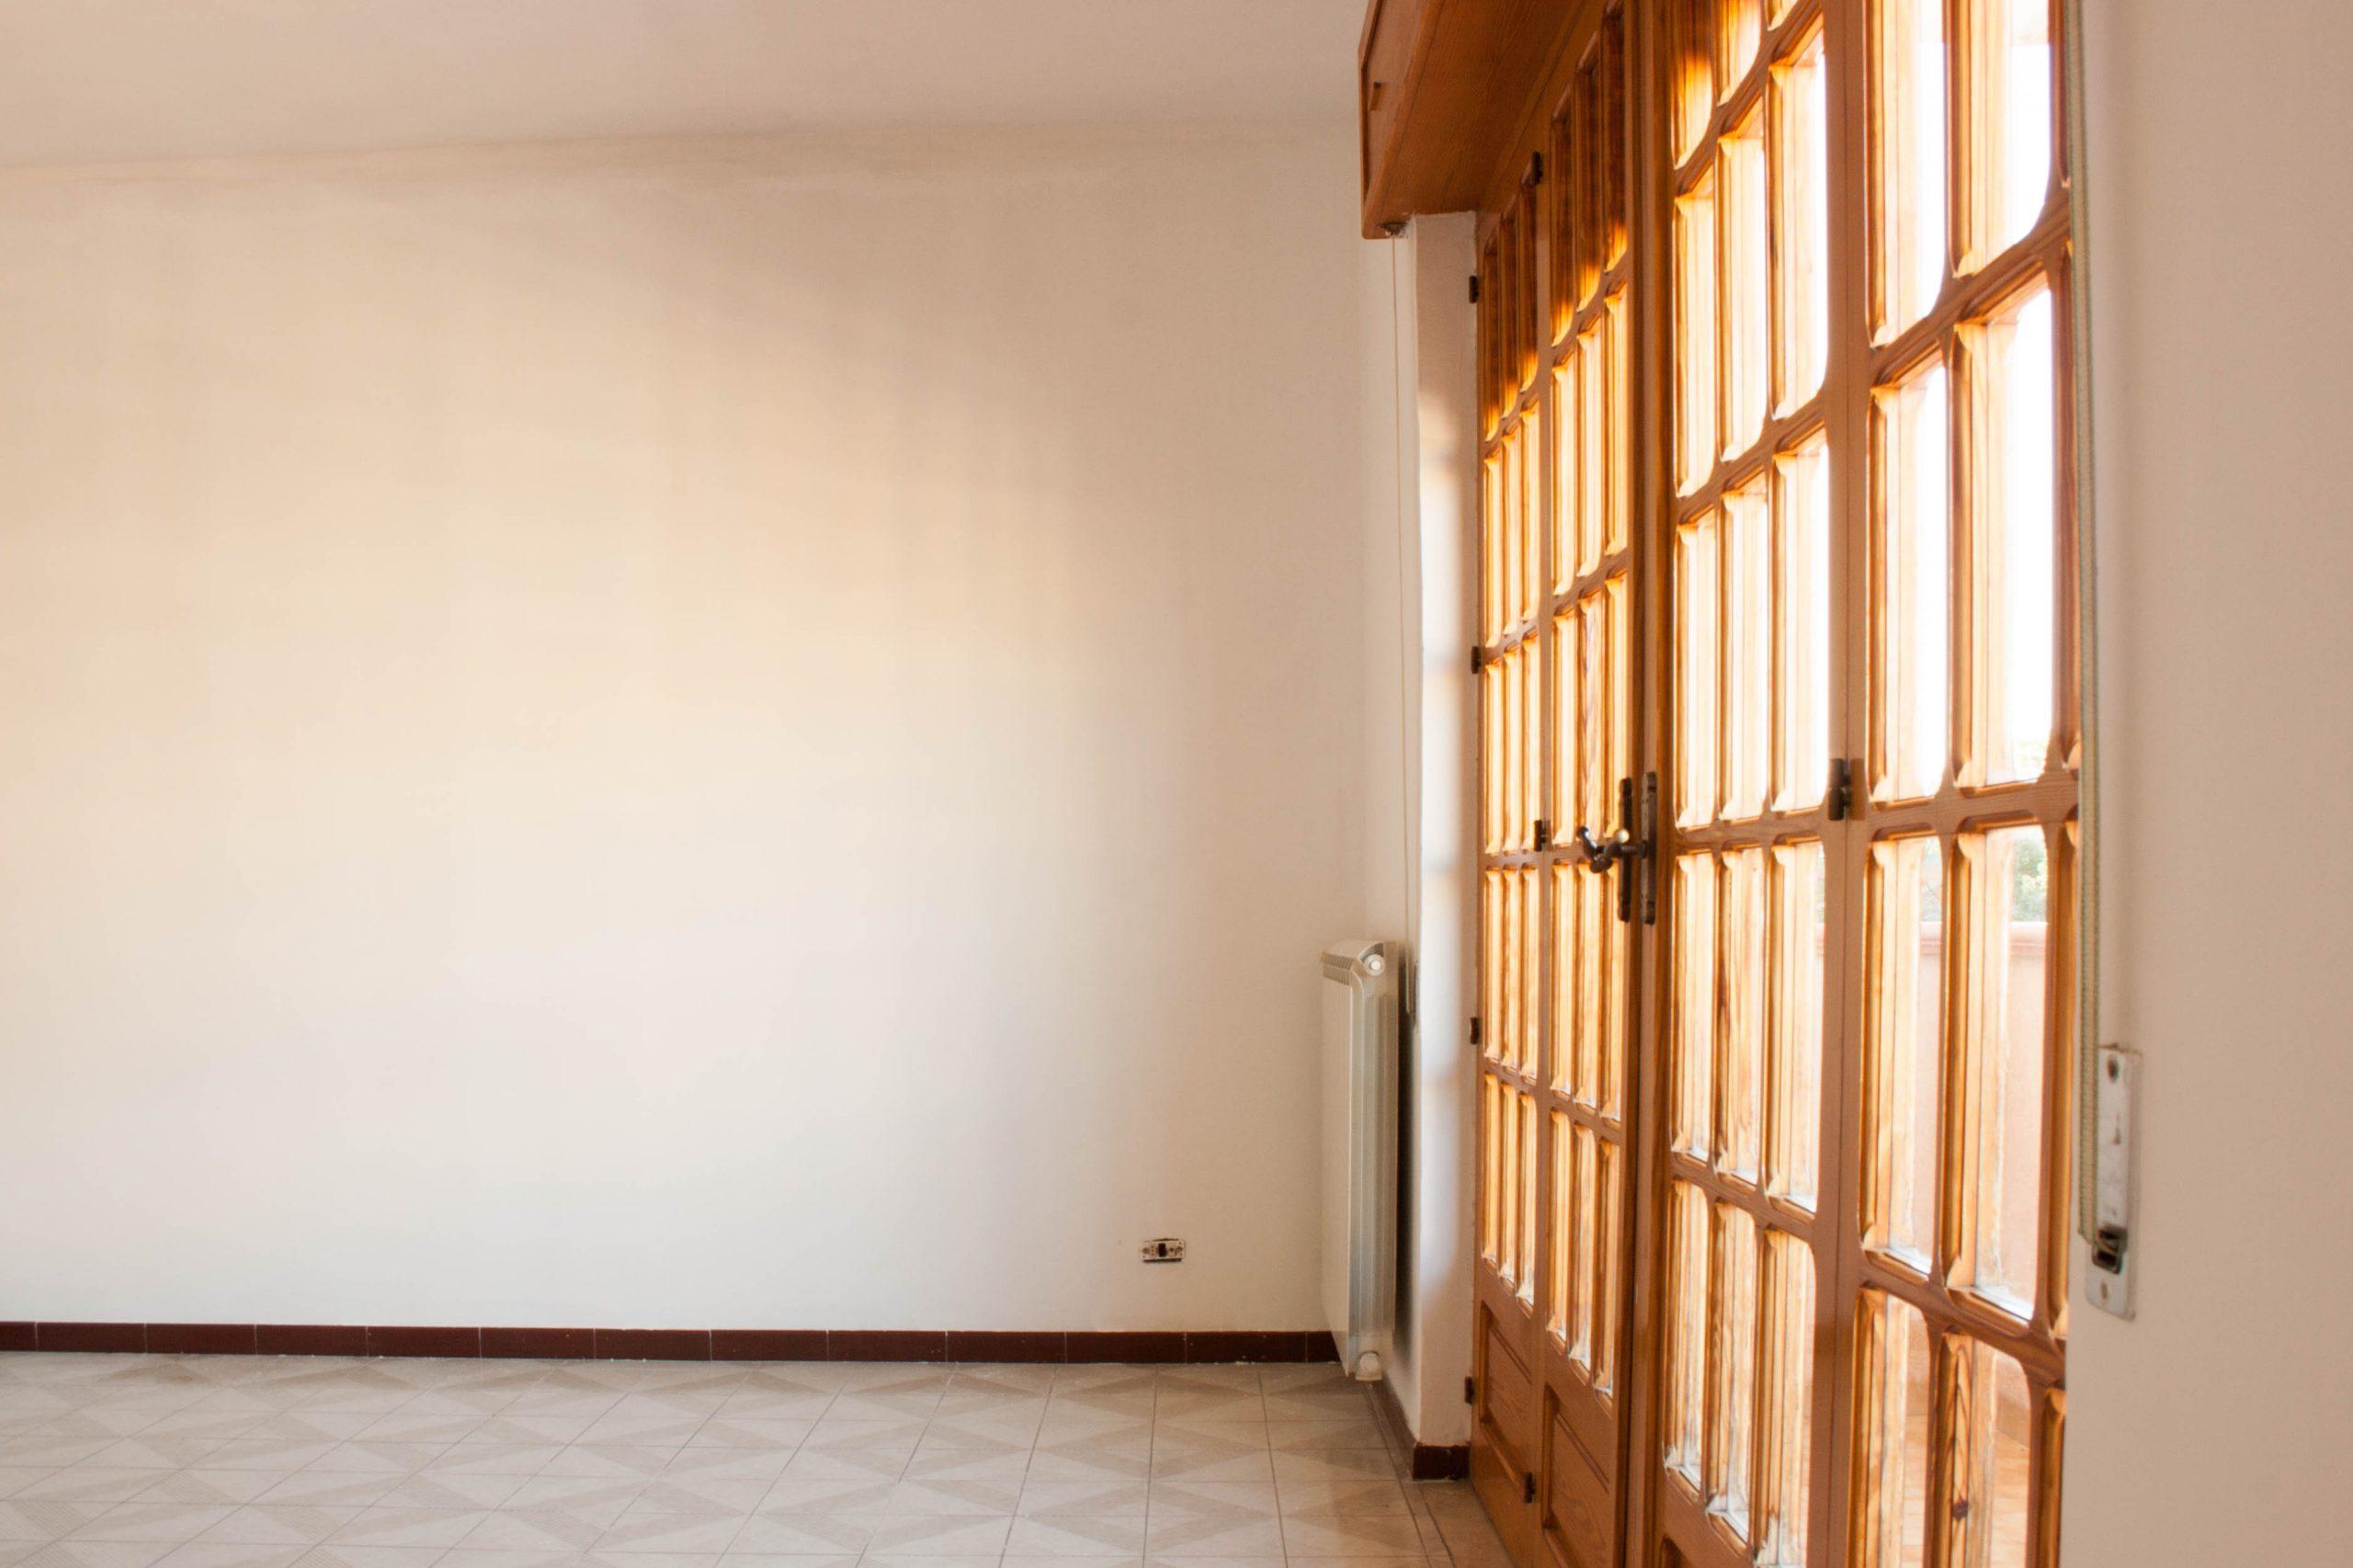 Vendesi appartamento di 5 vani in San Giorgio Ionico